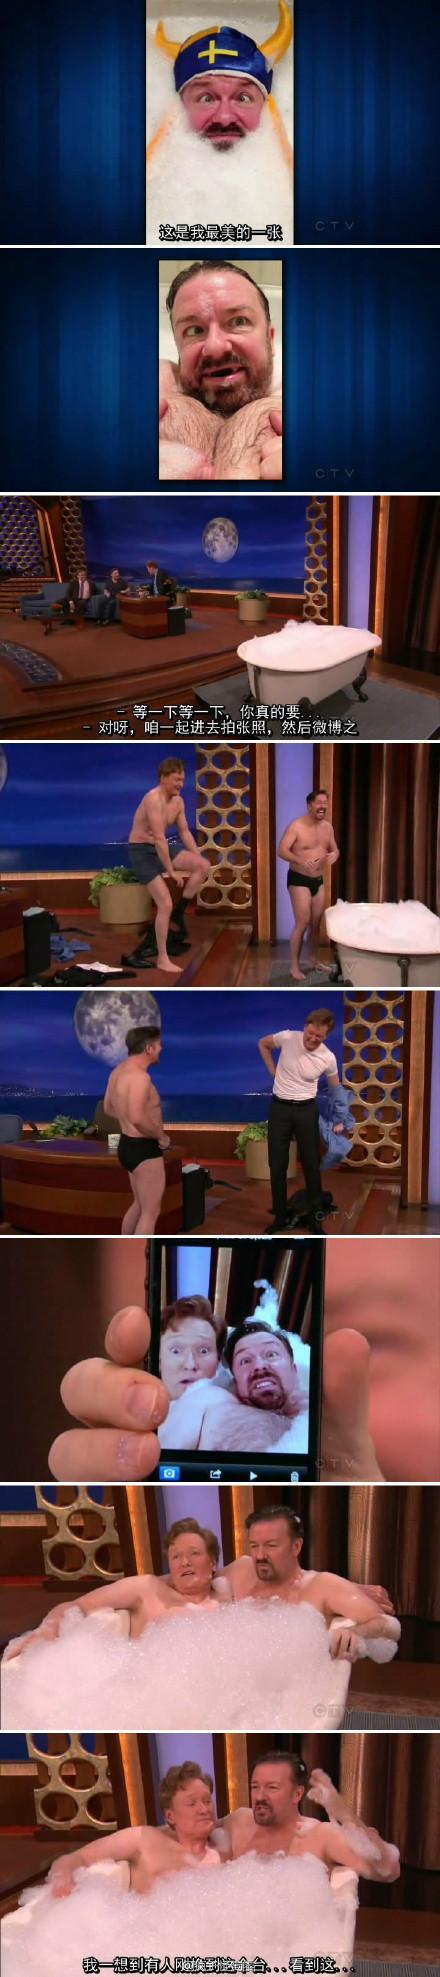 柯南秀 2013.01.09 Ricky Gervais和Conan同入浴缸